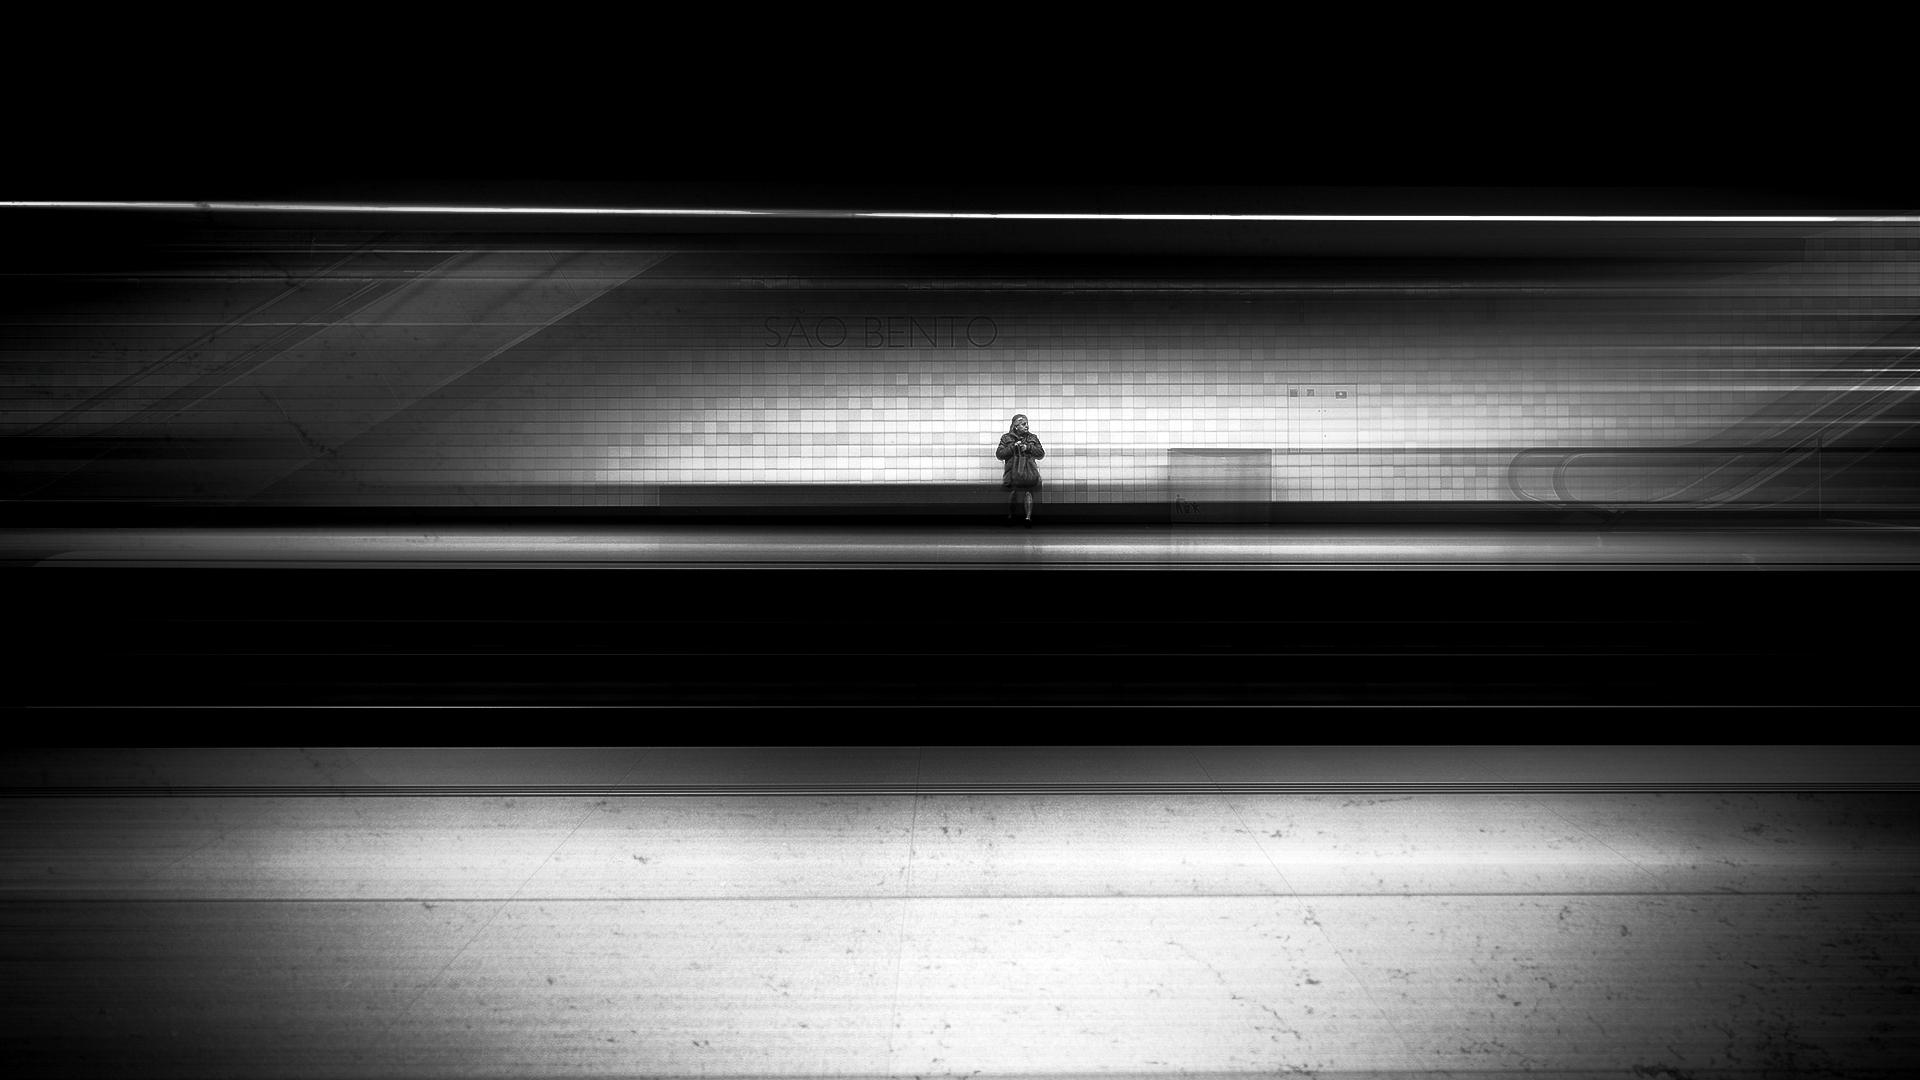 Paisagem Urbana/Anonimato